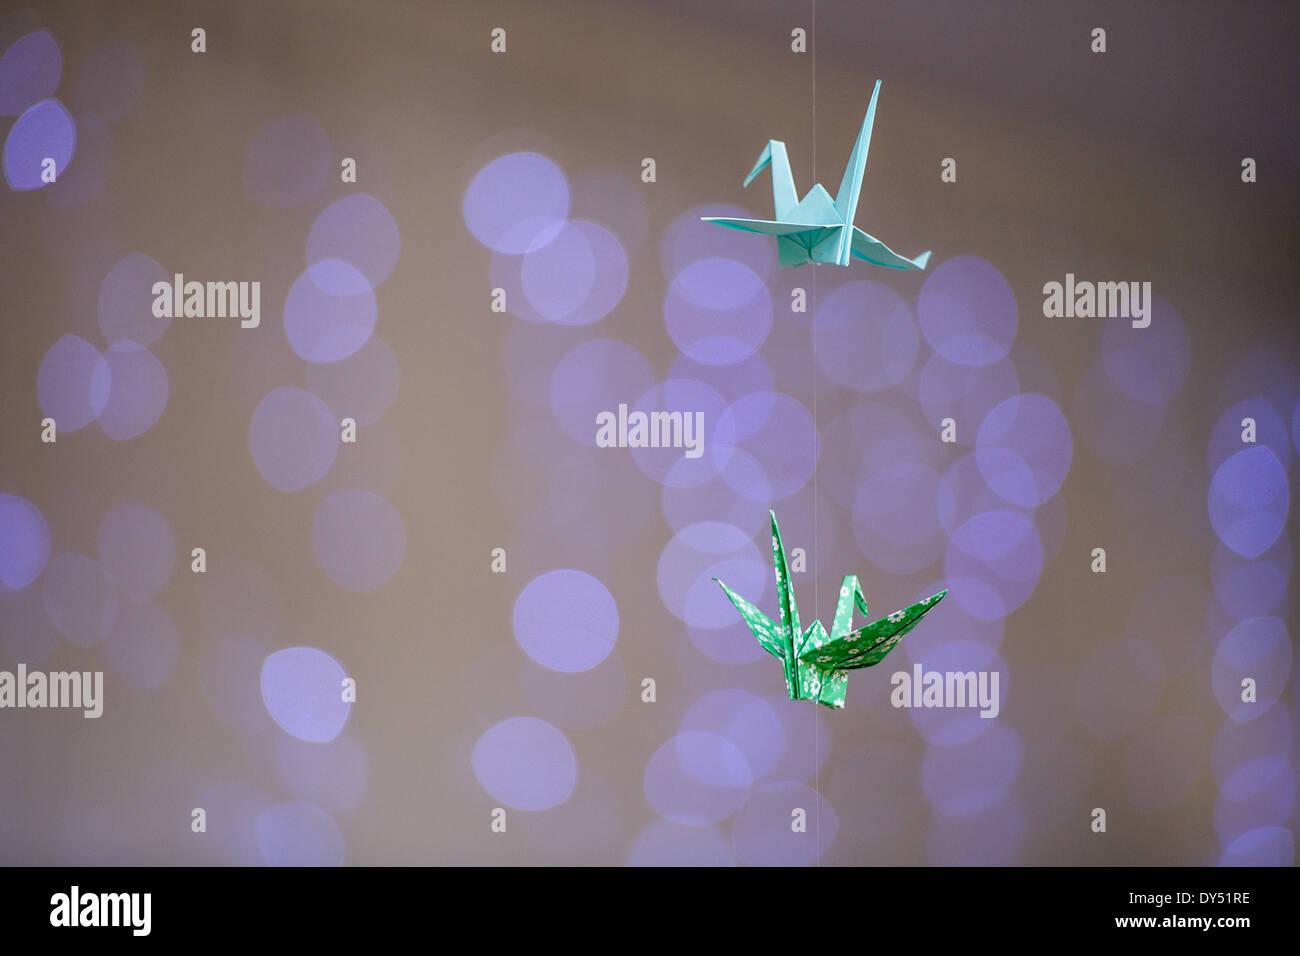 Kraniche aus Origamipapier hängen von der Decke mit Lichterketten in den Hintergrund. Stockbild